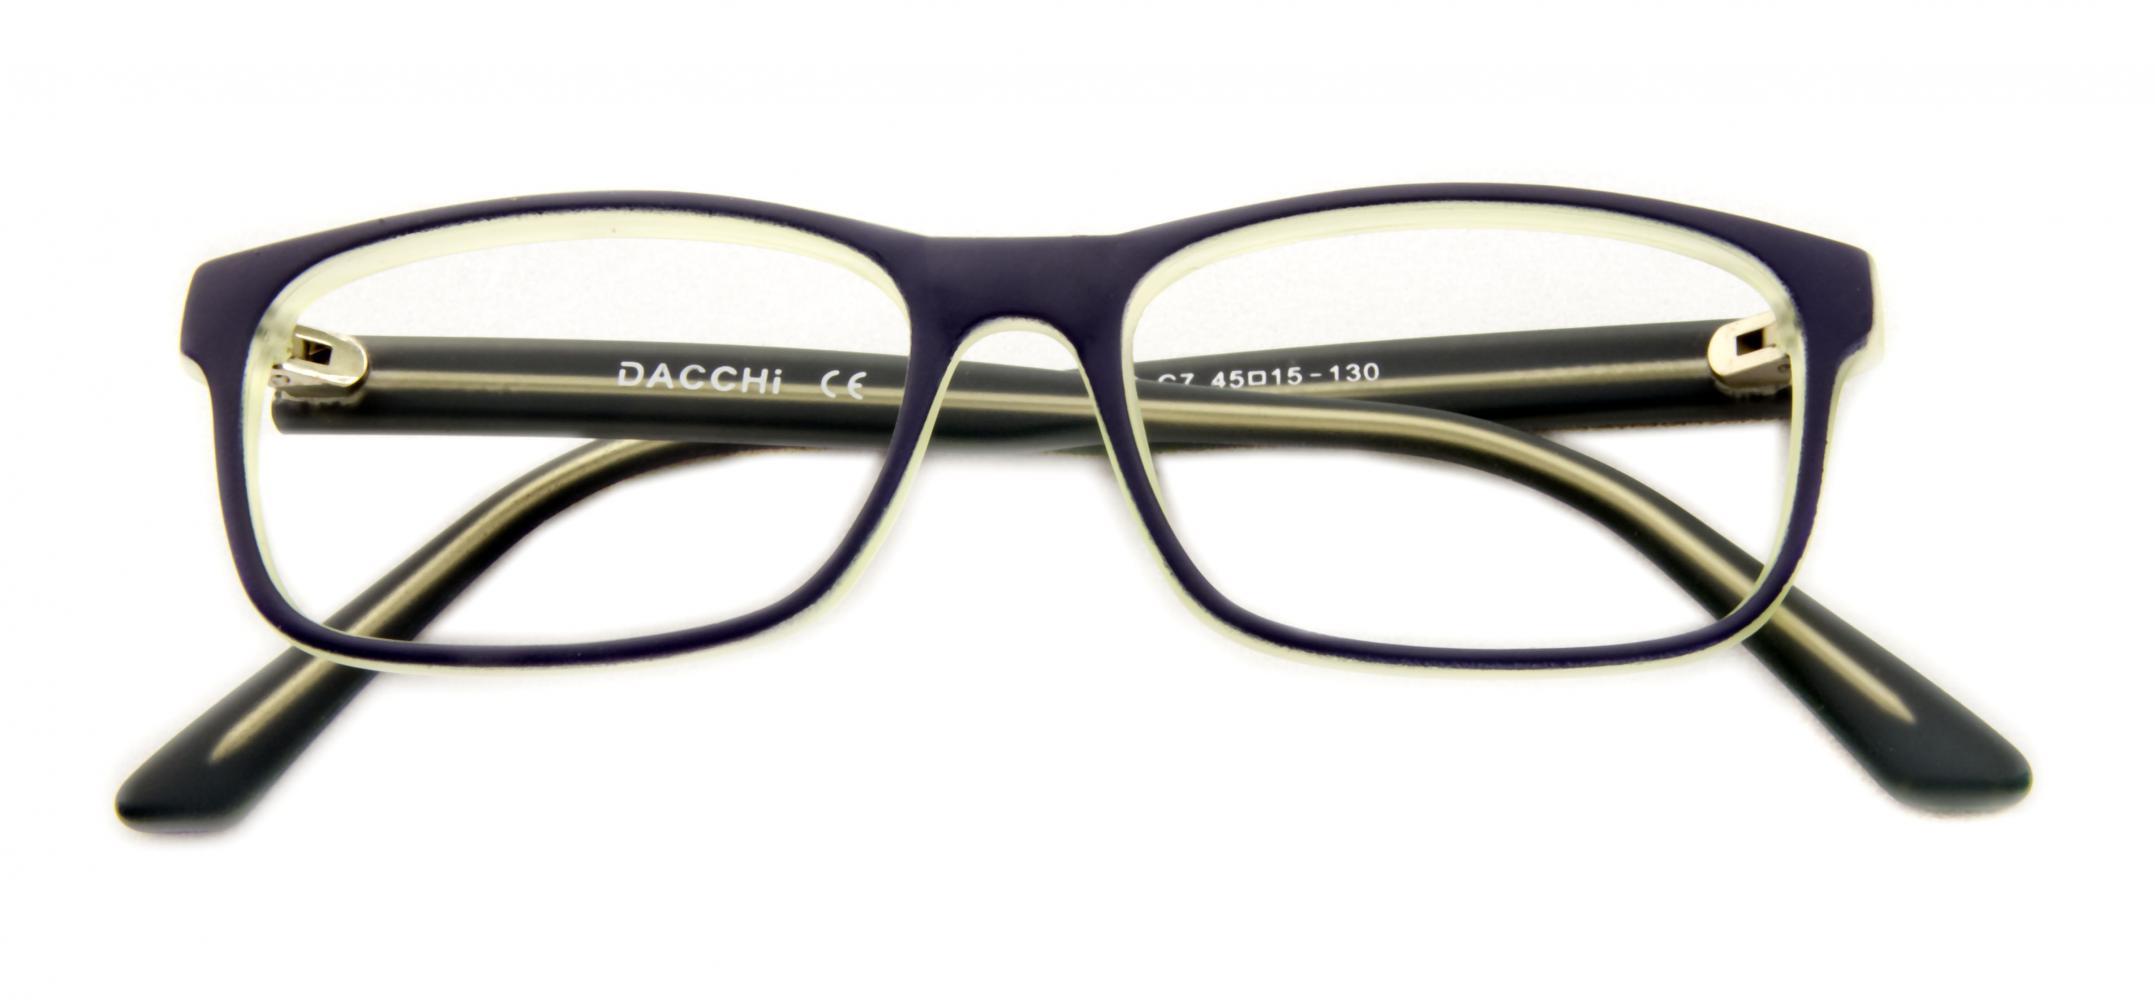 Dacchi D35070 C7